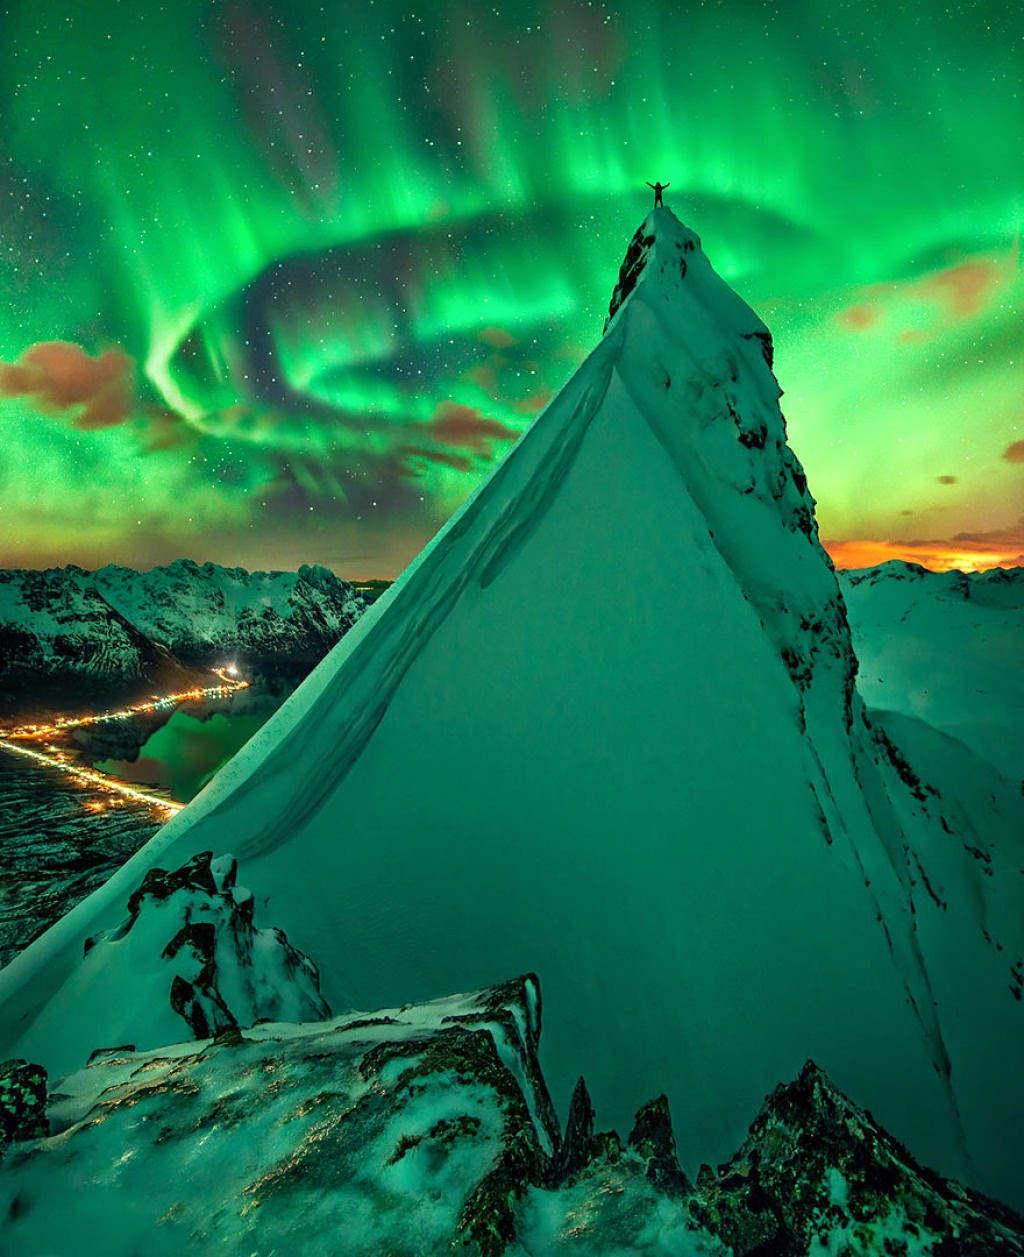 Hiện tượng cực quang ở Na Uy.